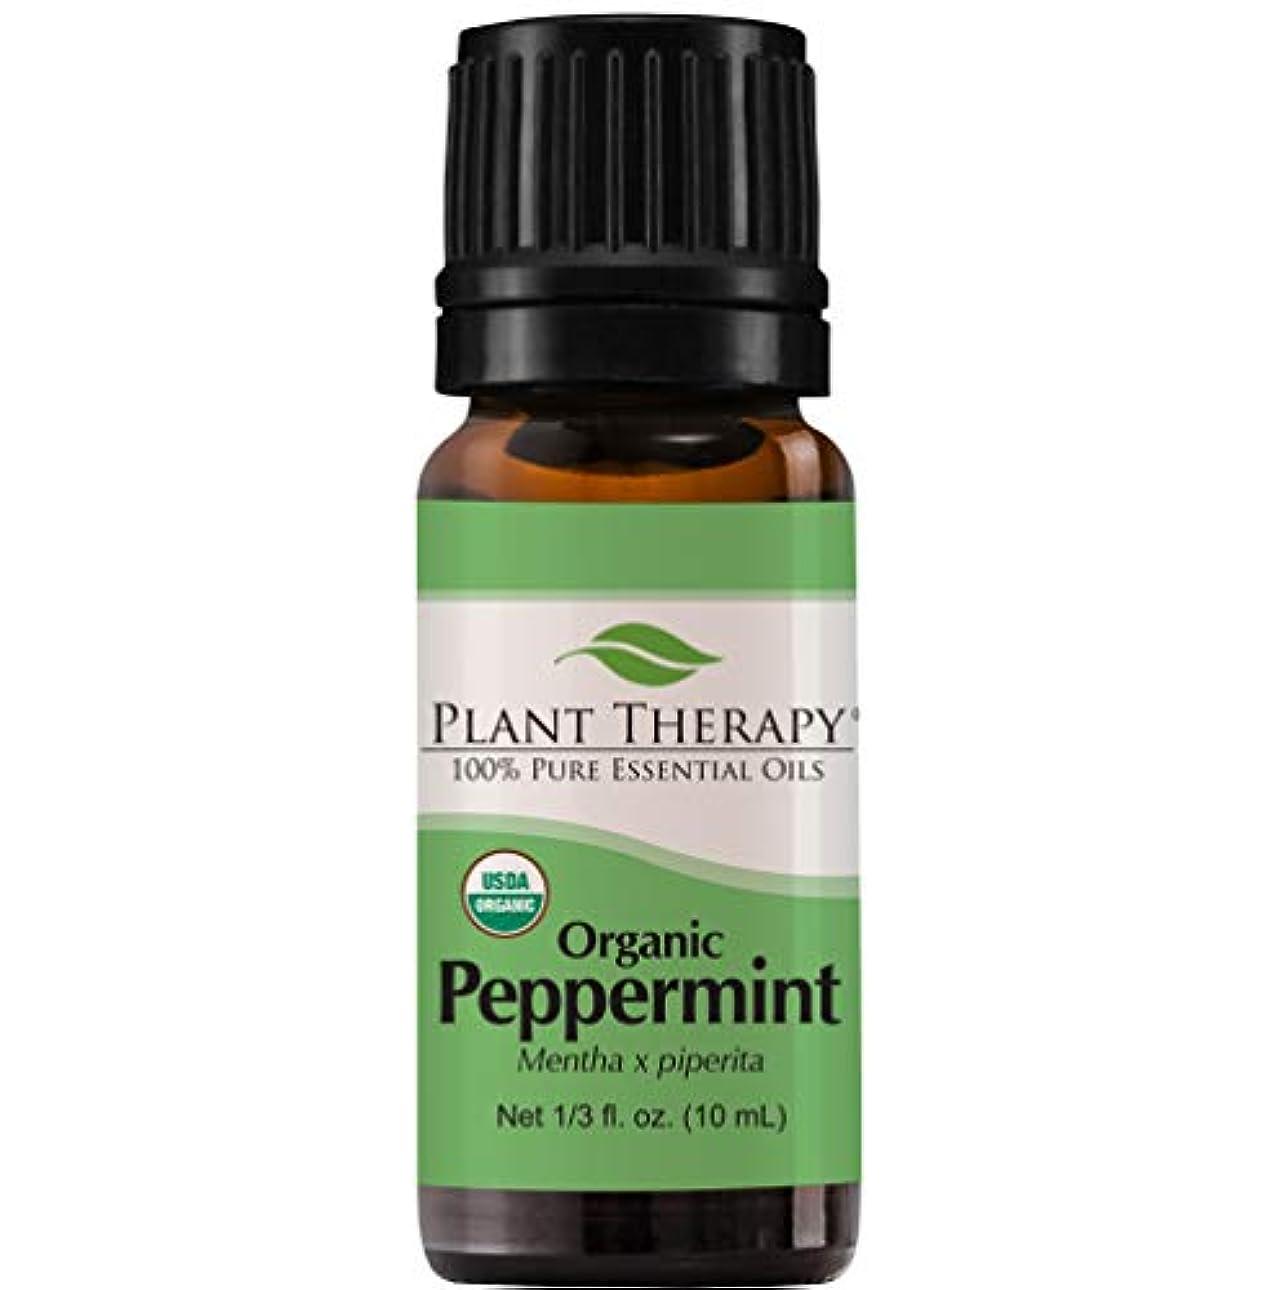 カエル葡萄梨Plant Therapy Essential Oils (プラントセラピー エッセンシャルオイル) オーガニック ペパーミント エッセンシャルオイル